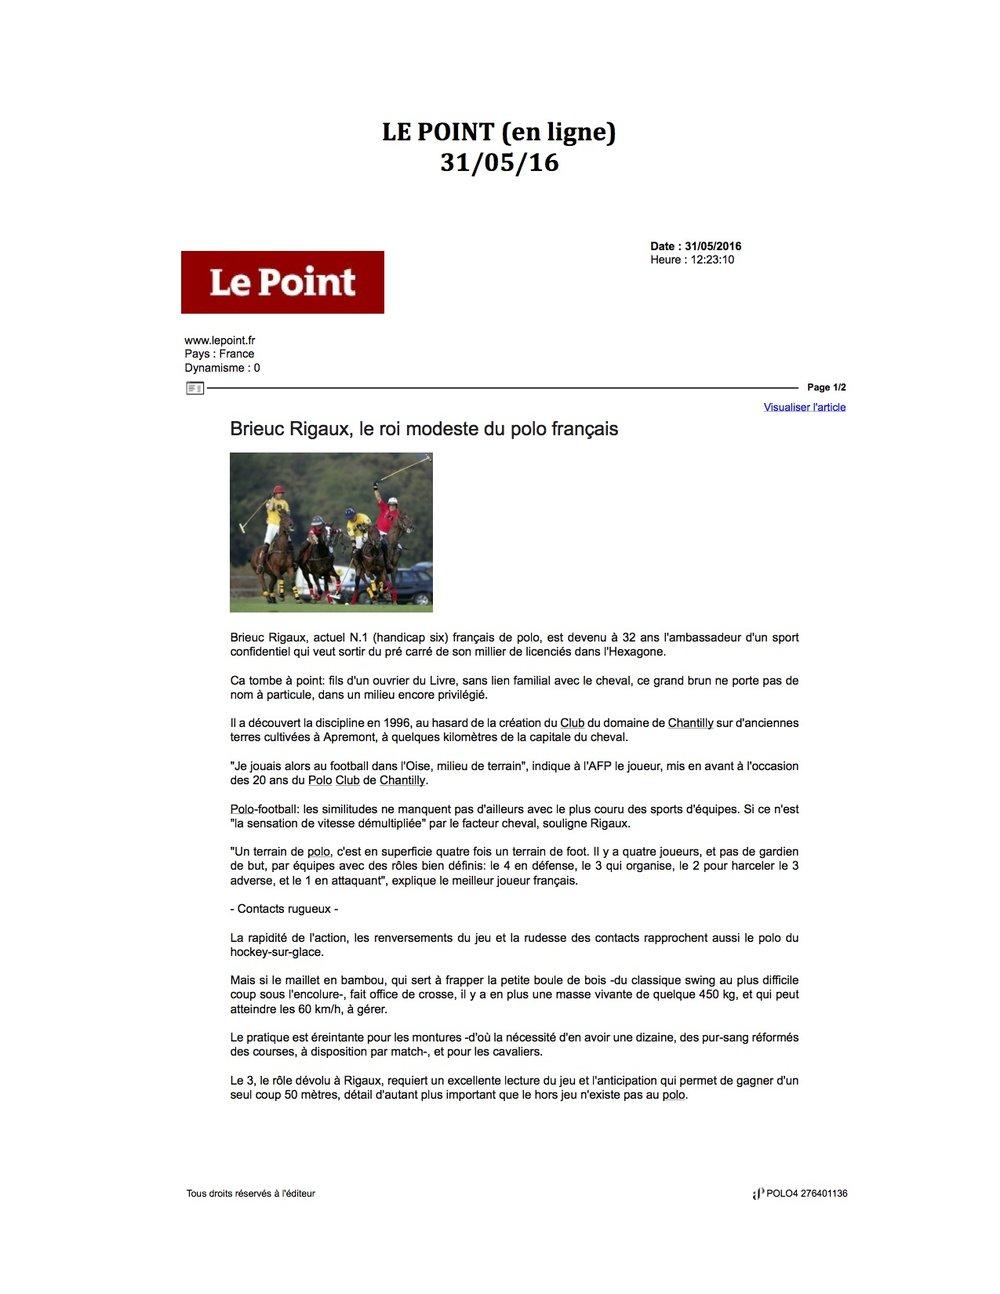 Le Point.jpg